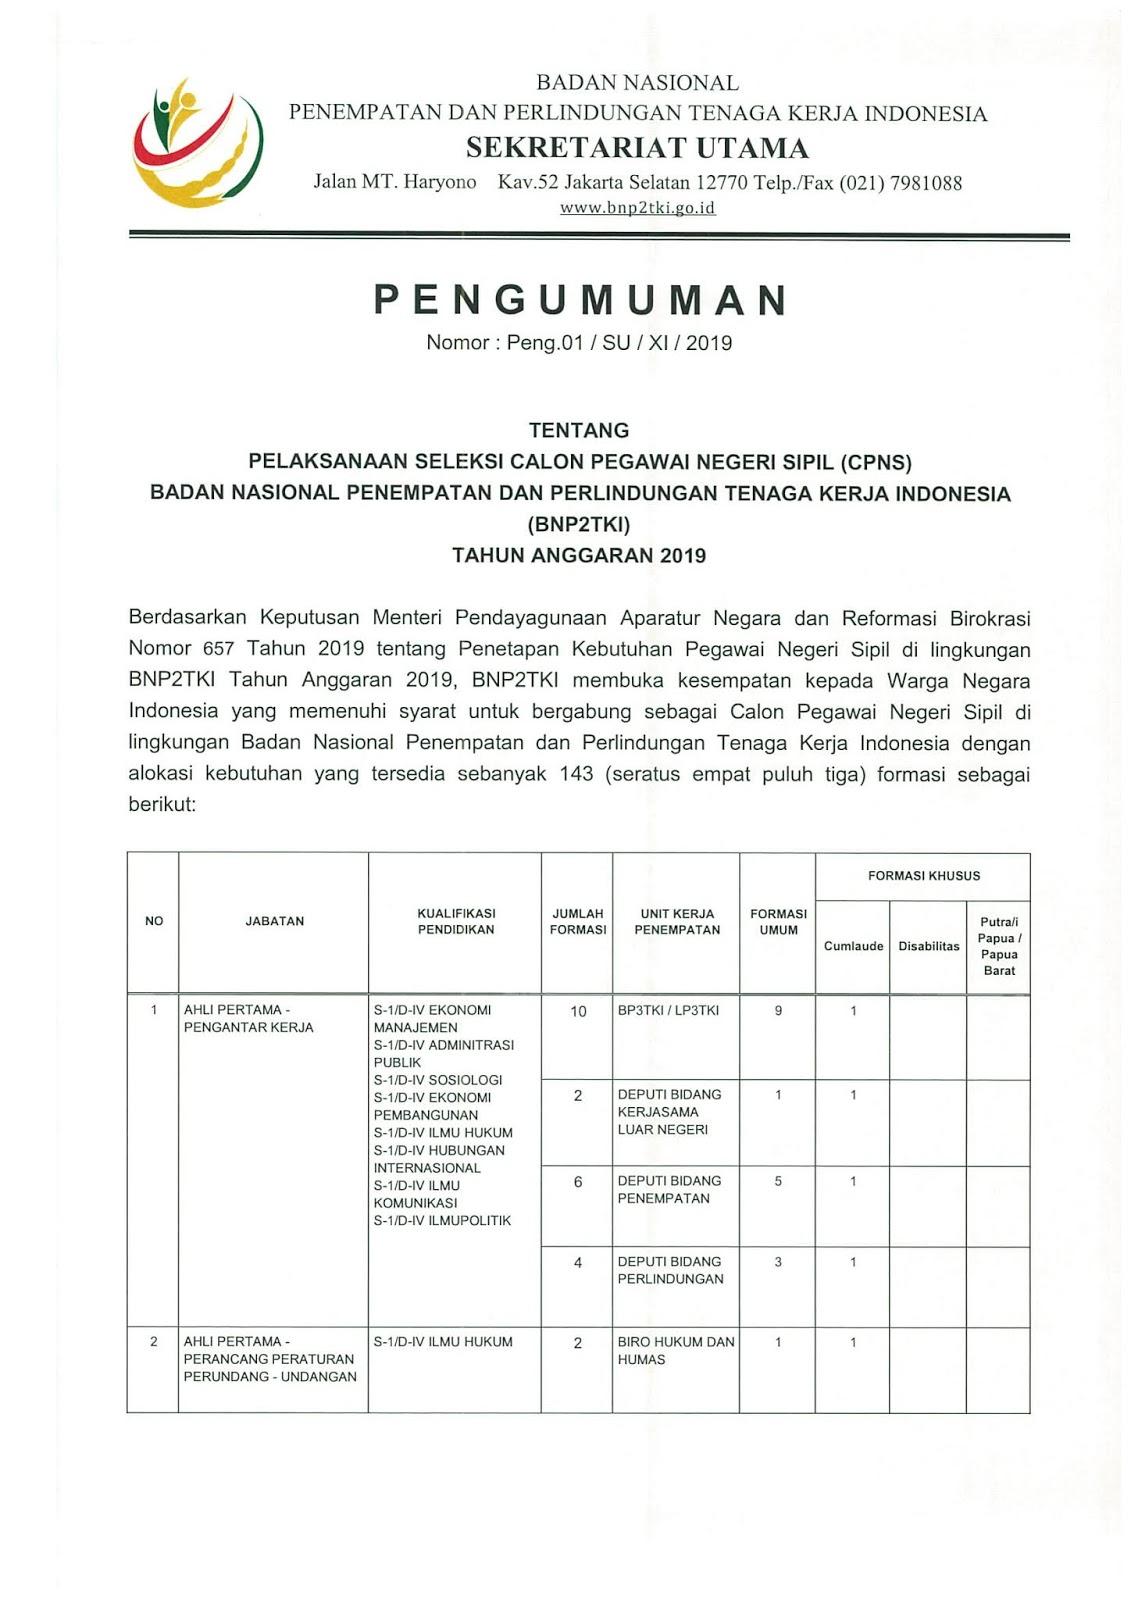 Lowongan CPNS Badan Nasional Penempatan dan Perlindungan Tenaga Kerja Indonesia Tahun 2019 [143 Formasi]